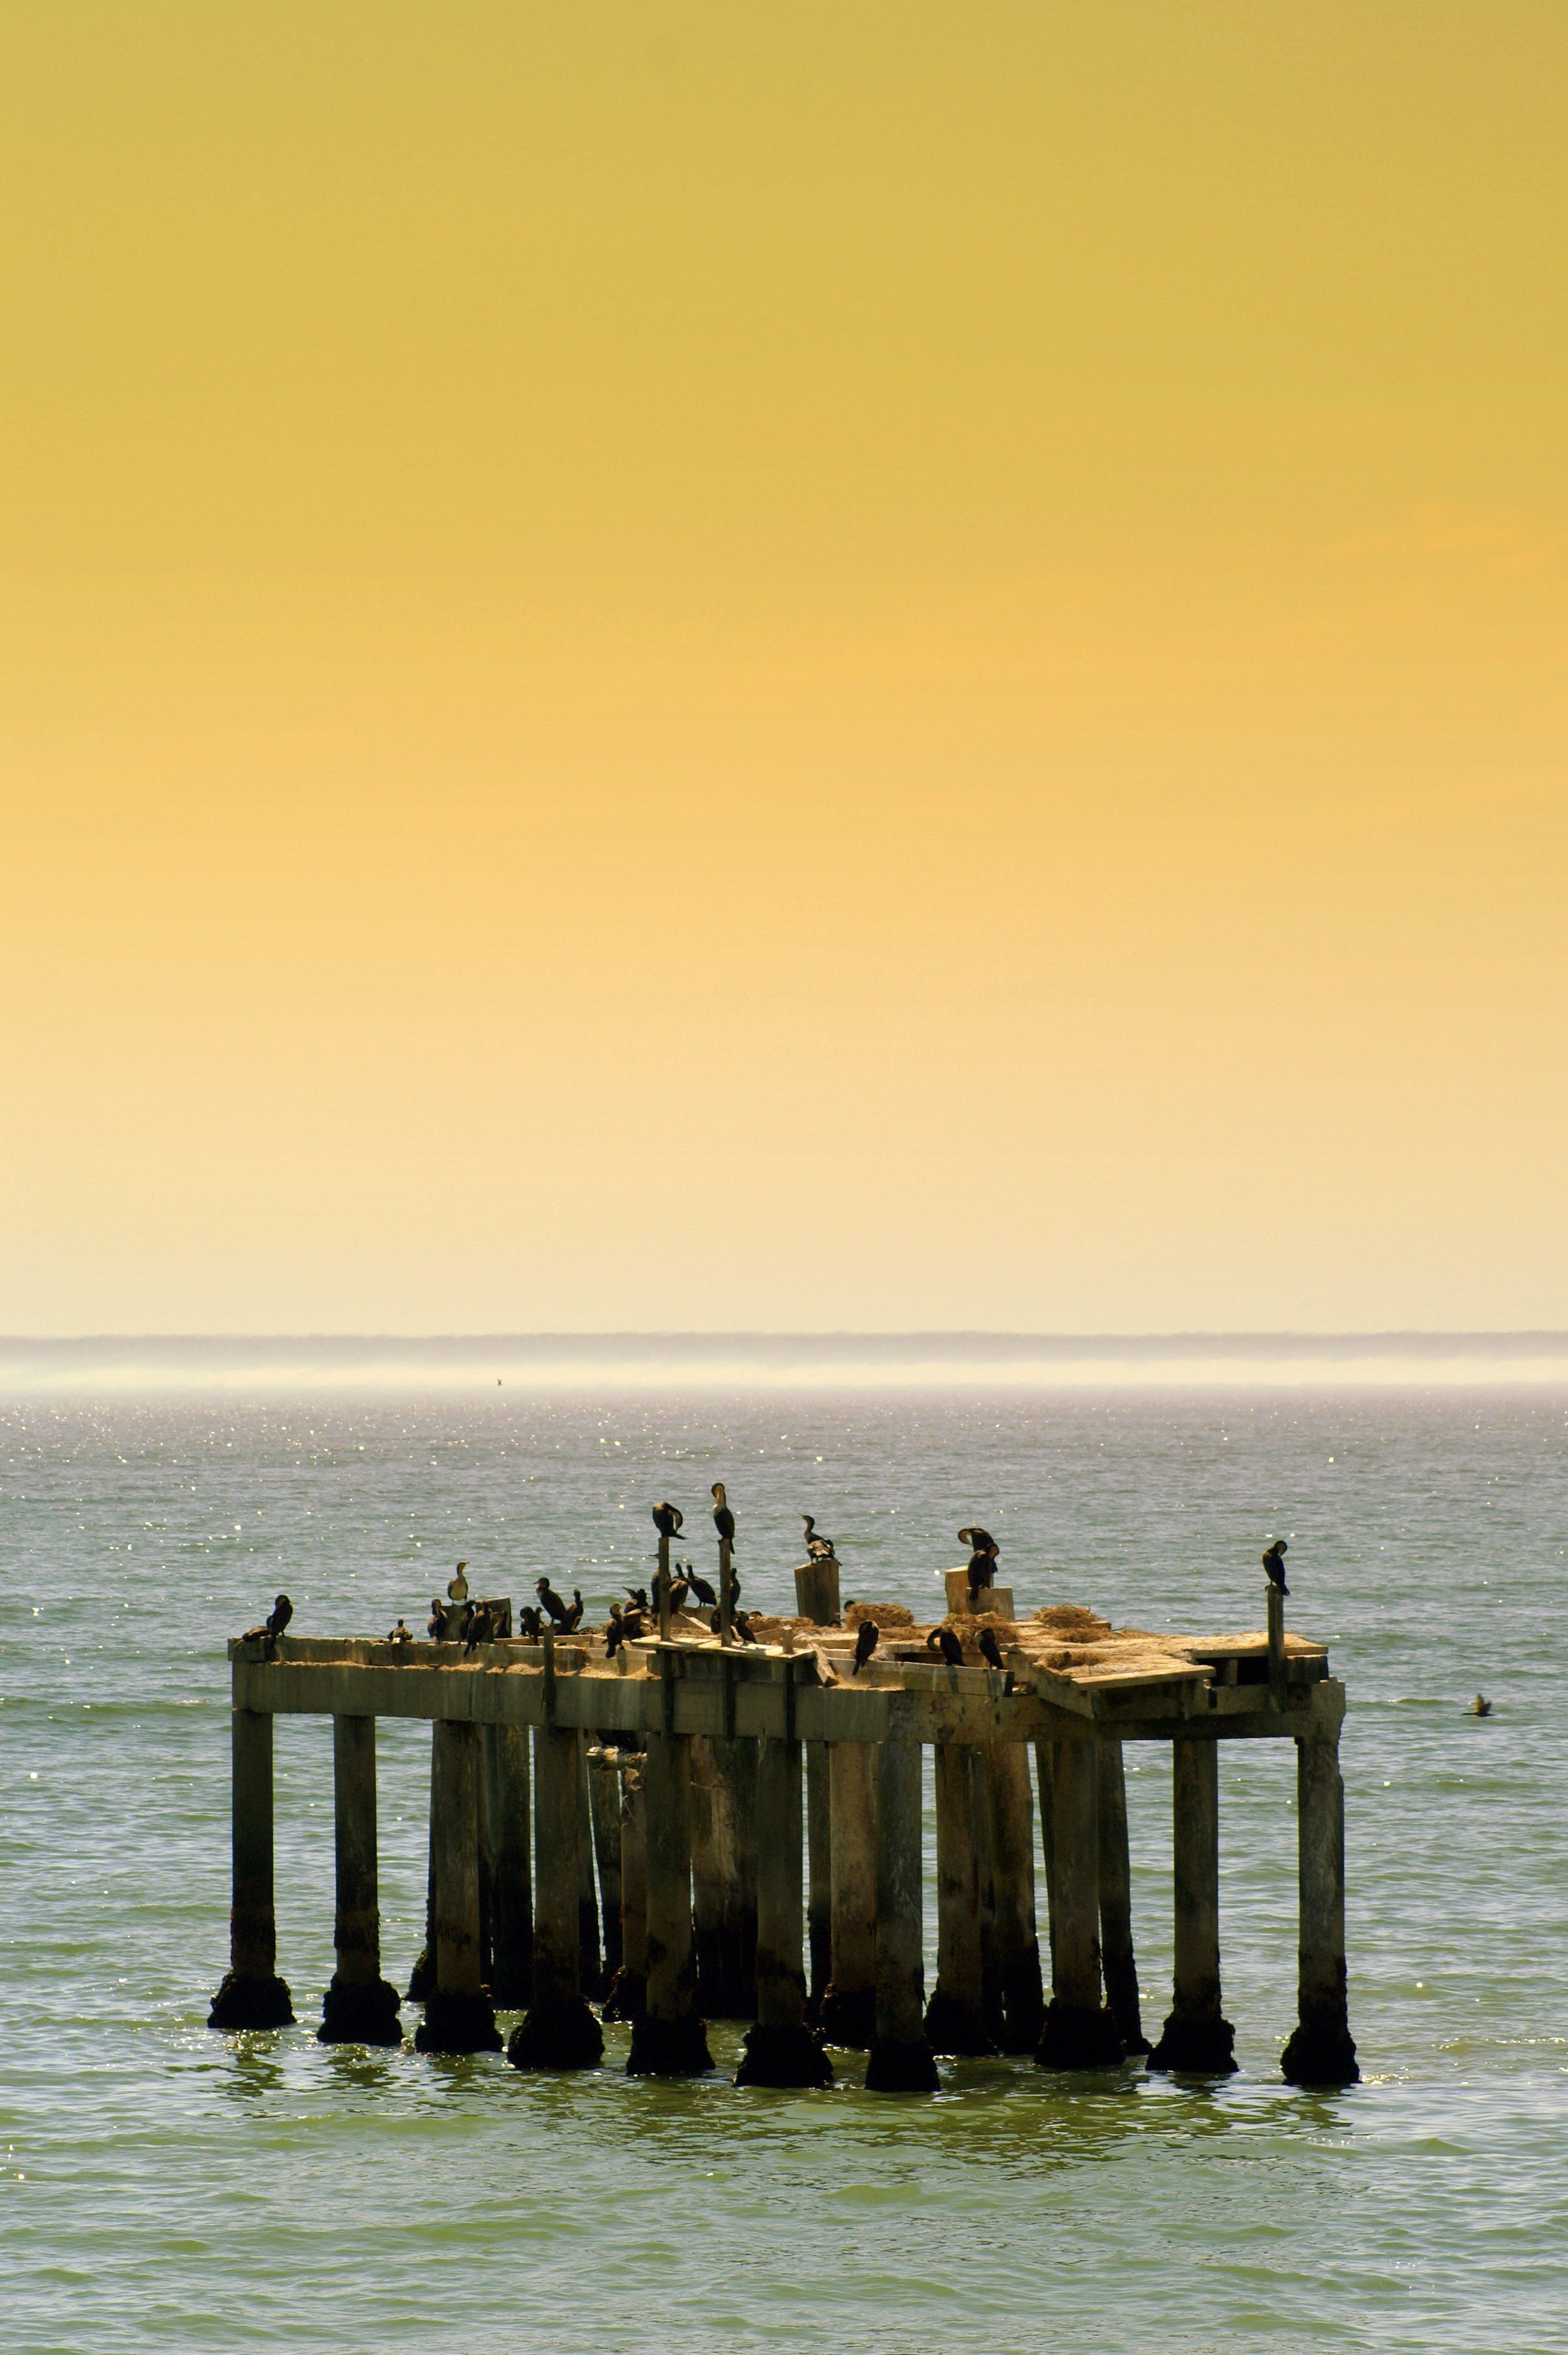 Birds on Brown Wooden Dock